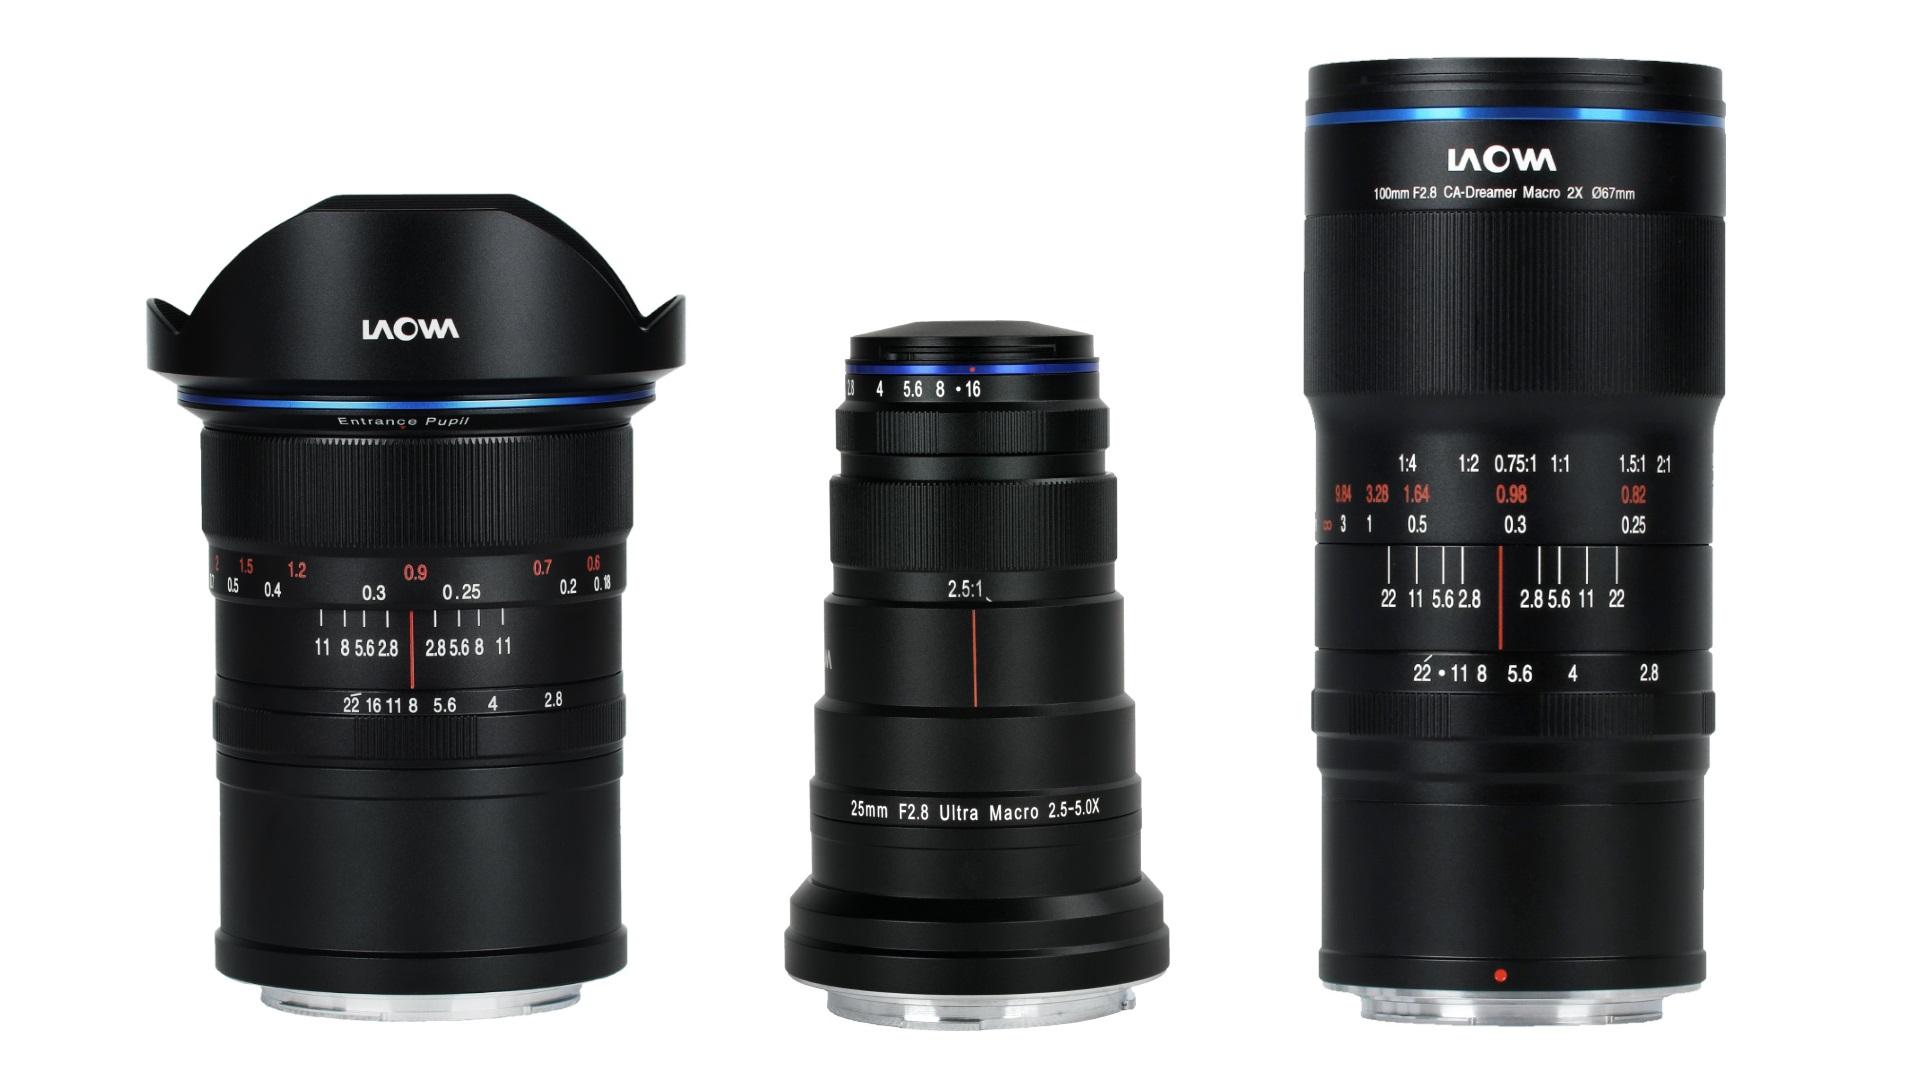 Lentes Laowa Ultra Macro Zero-D 12mm, 25mm y 100mm - Ahora también para Nikon Z y Canon RF